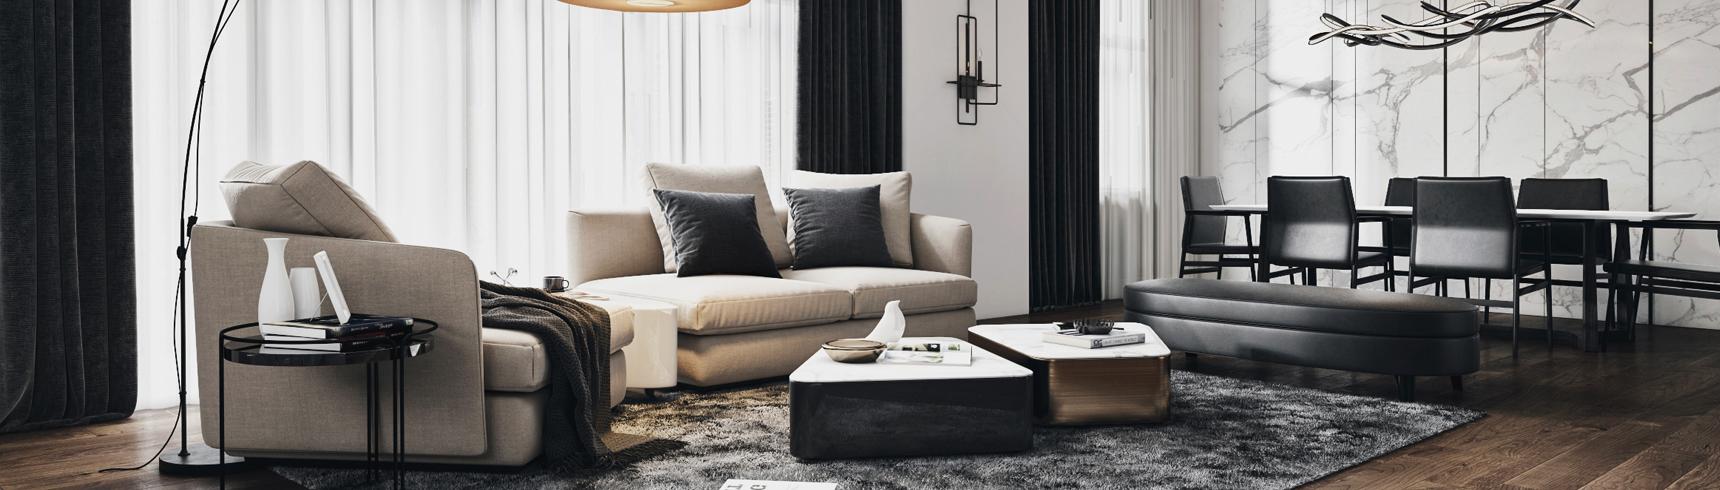 现代客厅 现代沙发 落地灯 餐桌 餐椅 椅子 凳子 踏 茶几3D模型下载